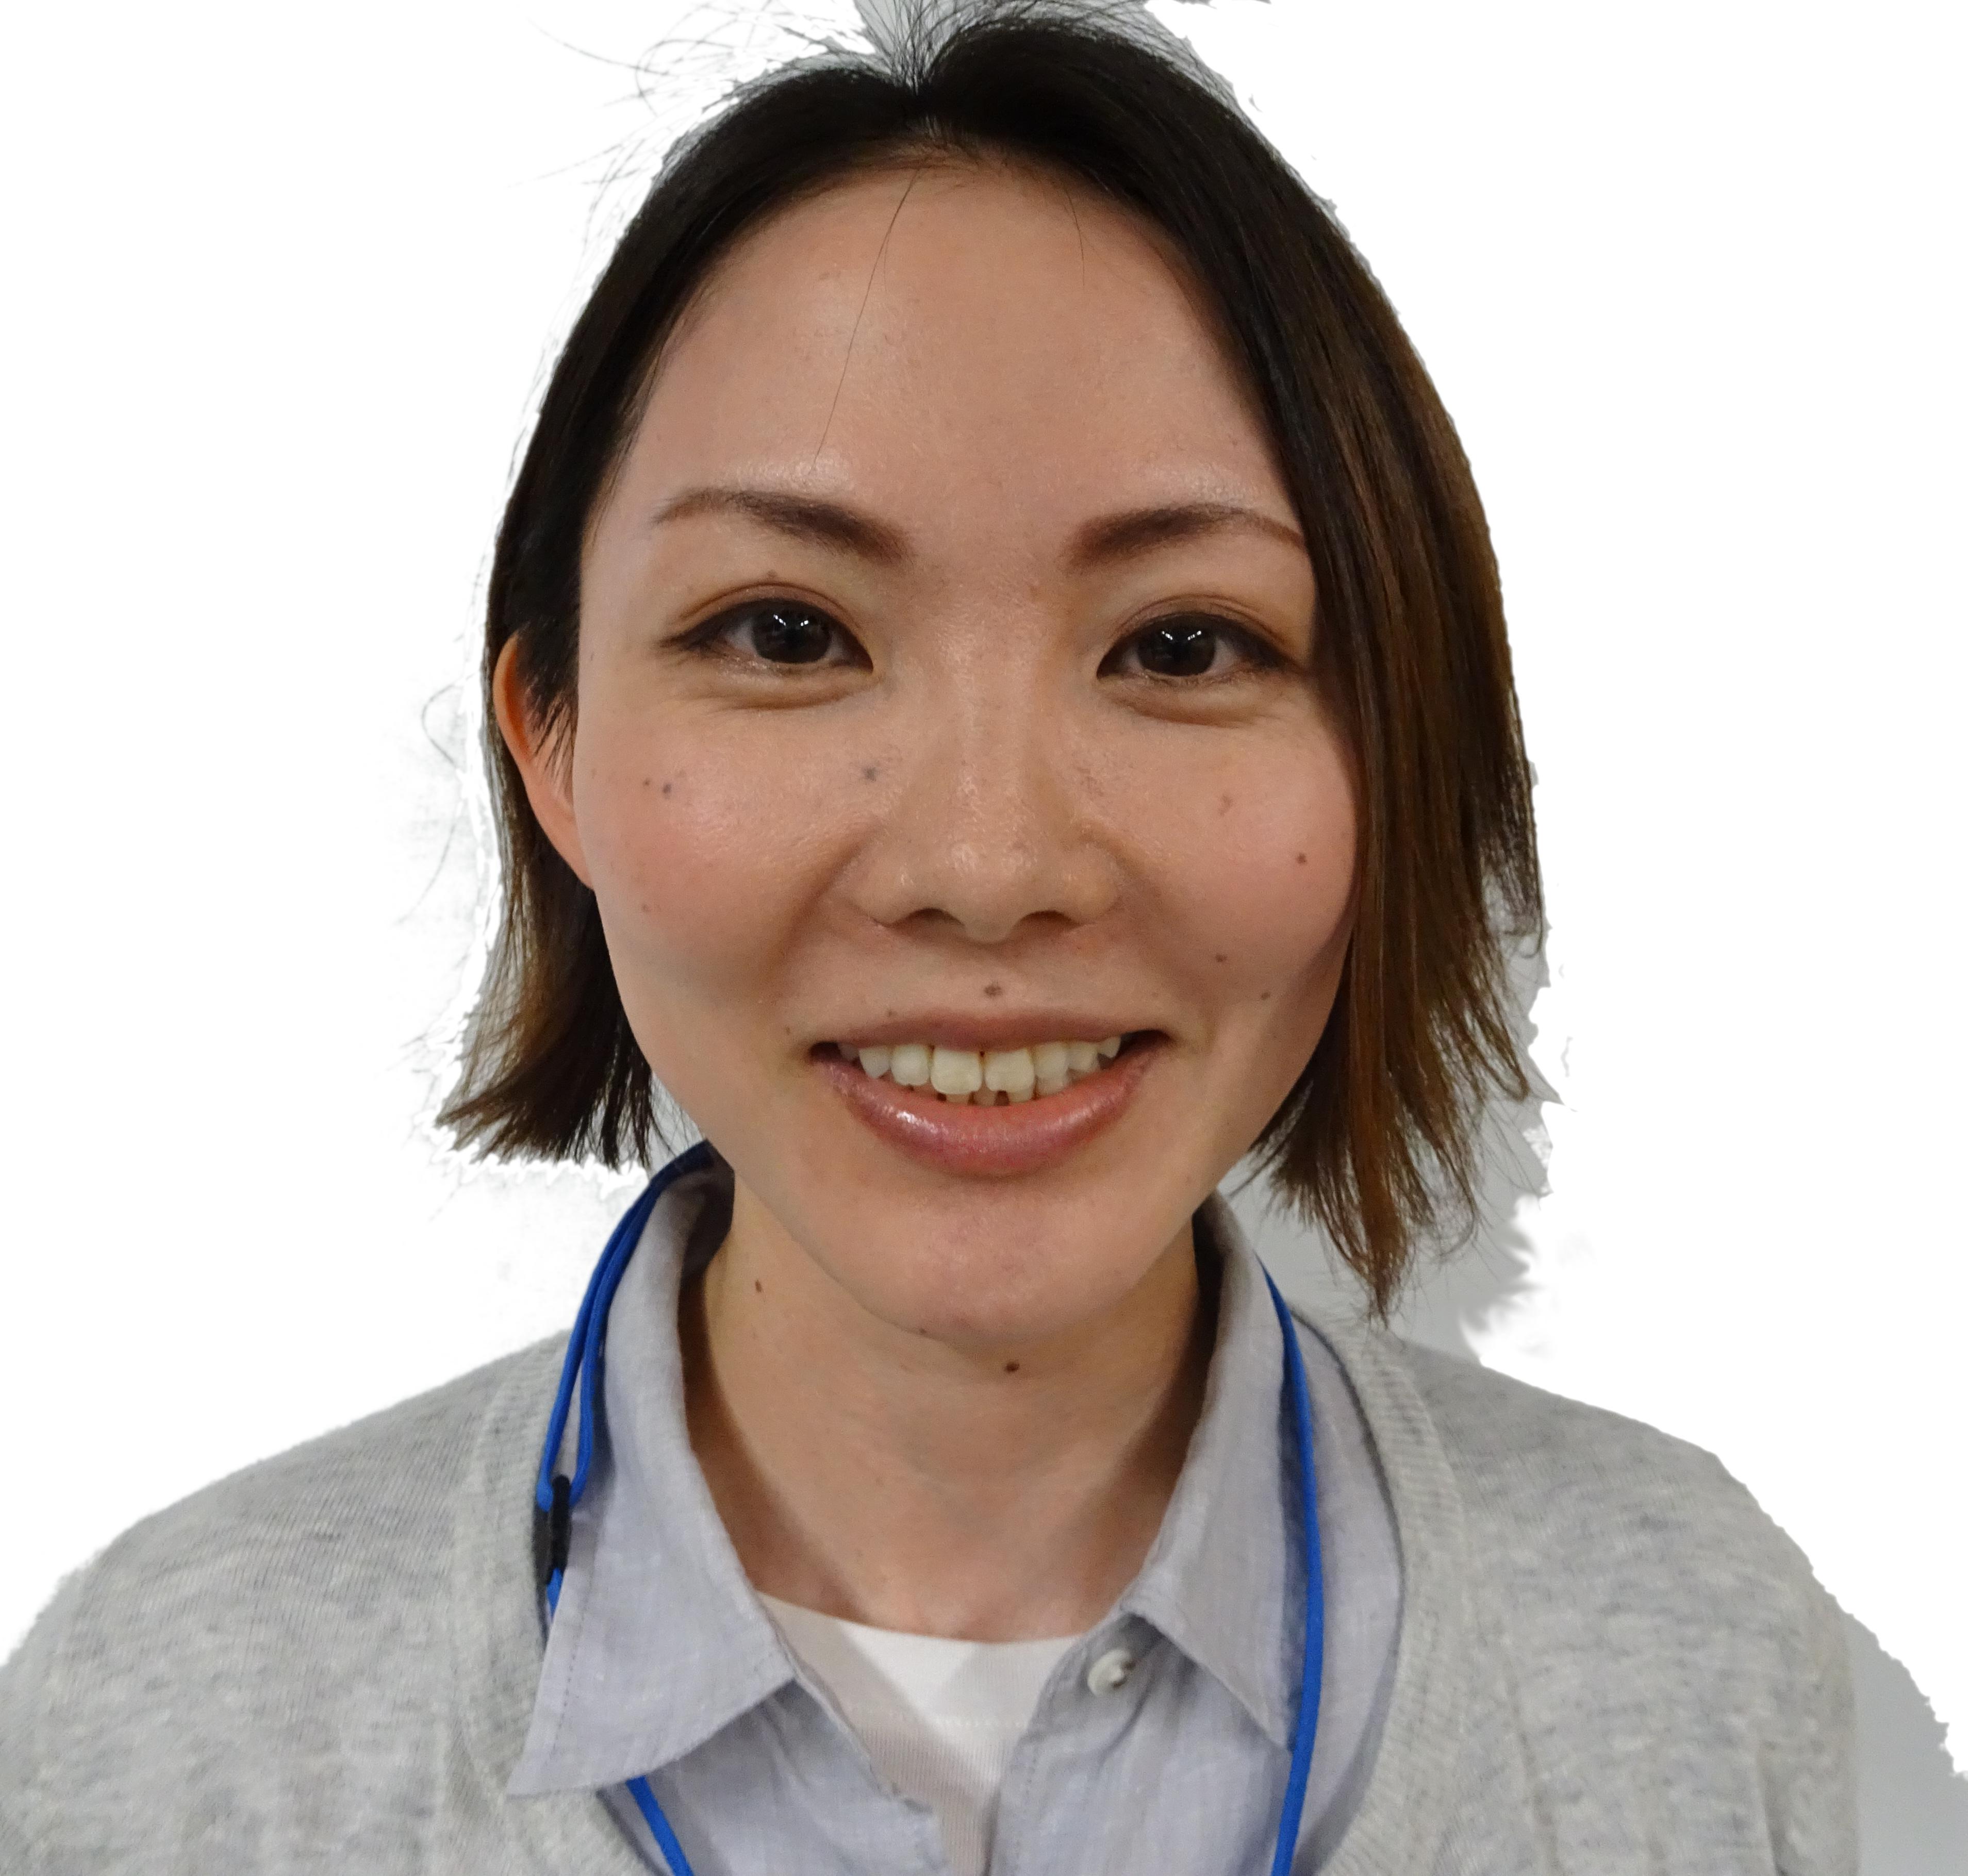 吉川 麻奈美